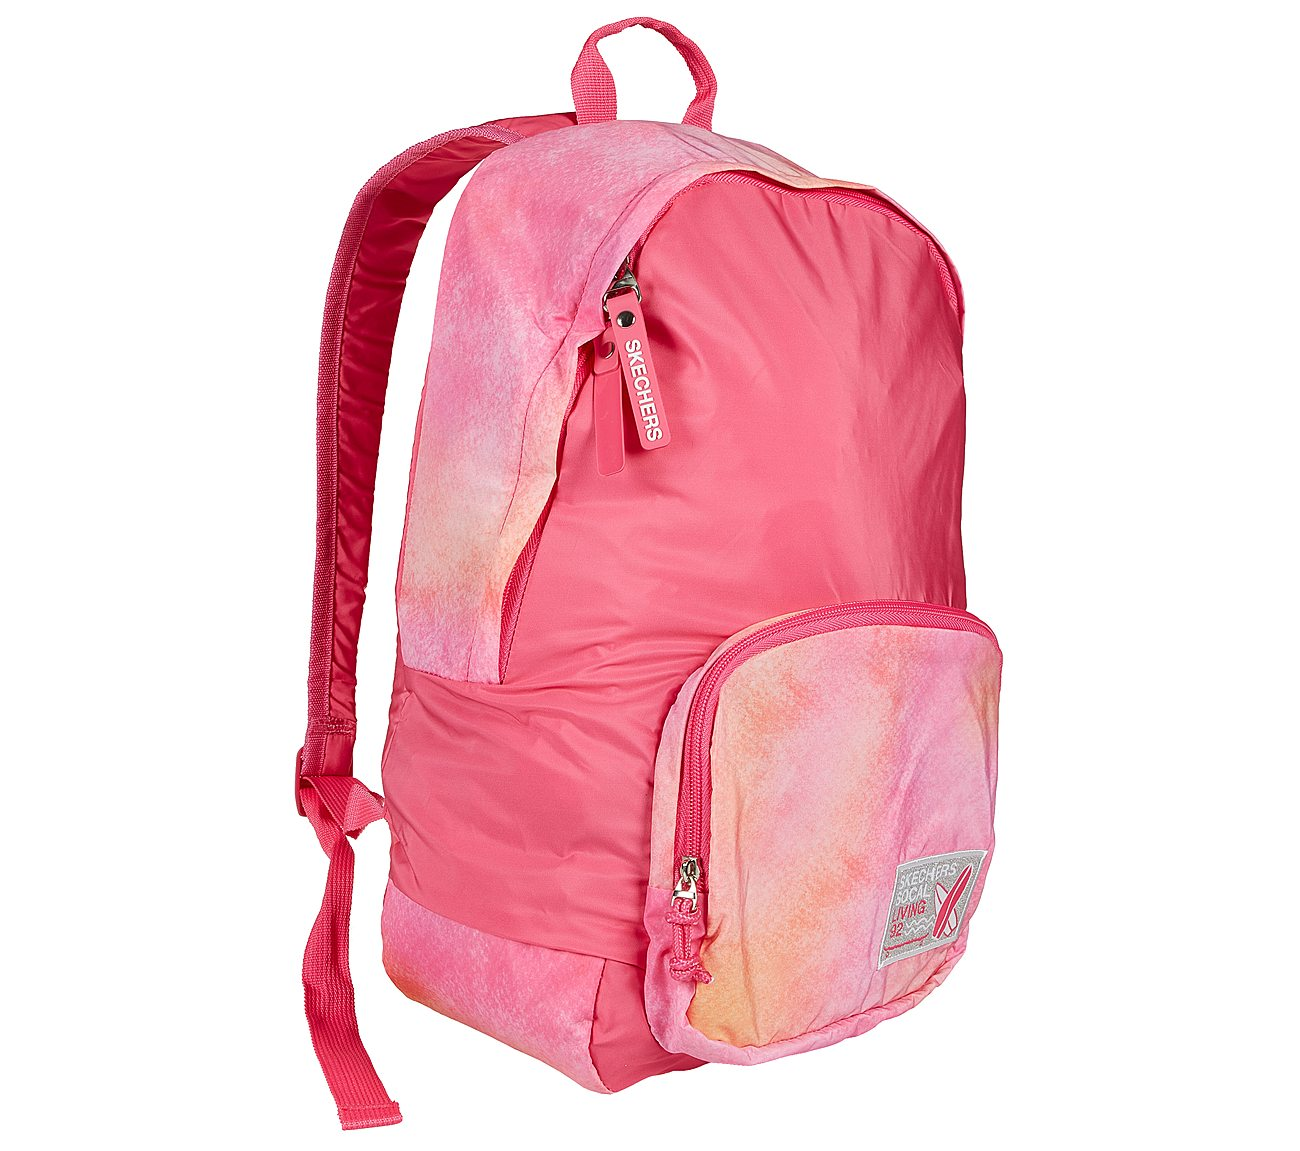 skechers backpack